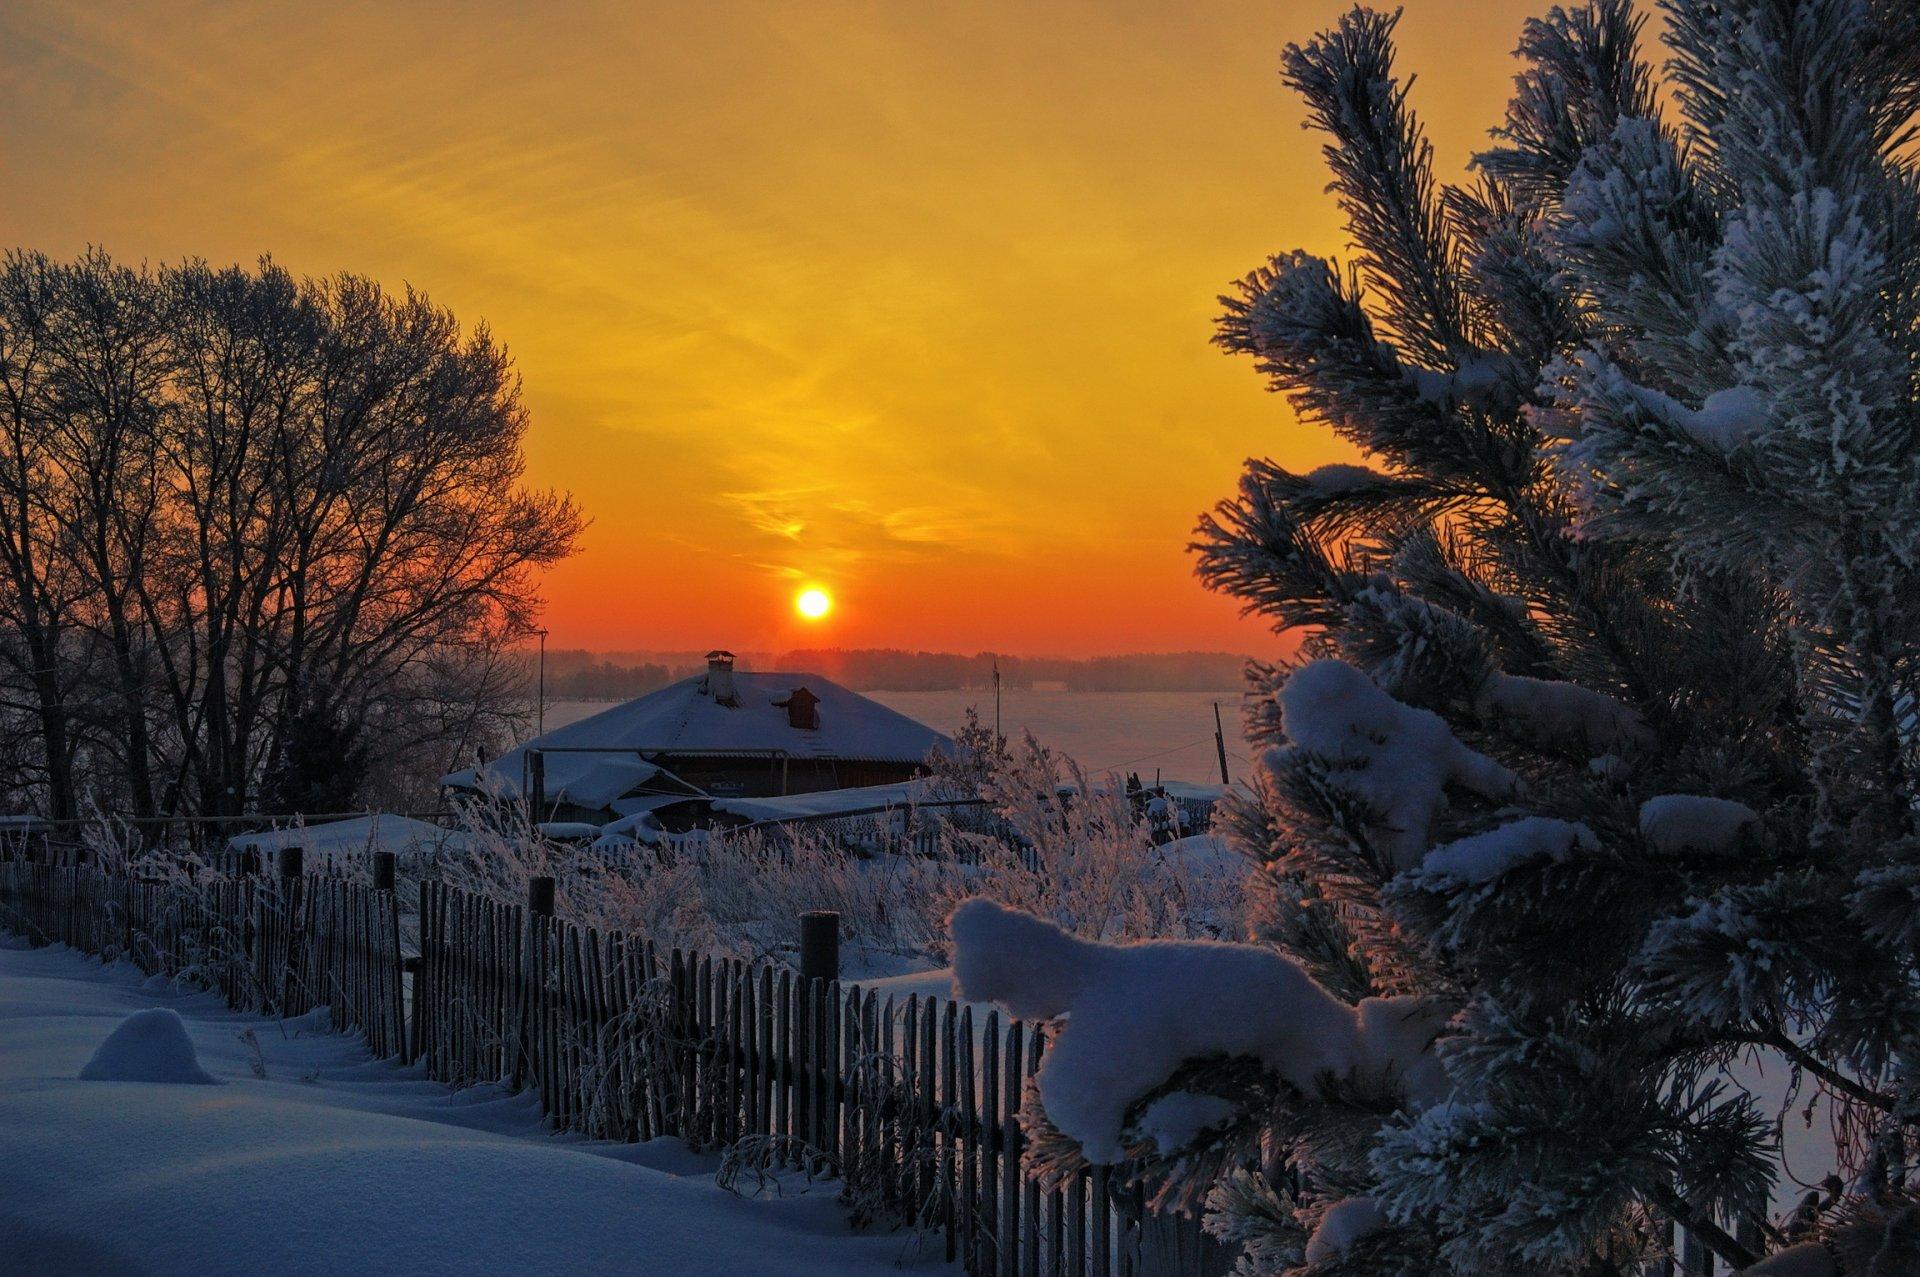 Зимняя деревня картинки